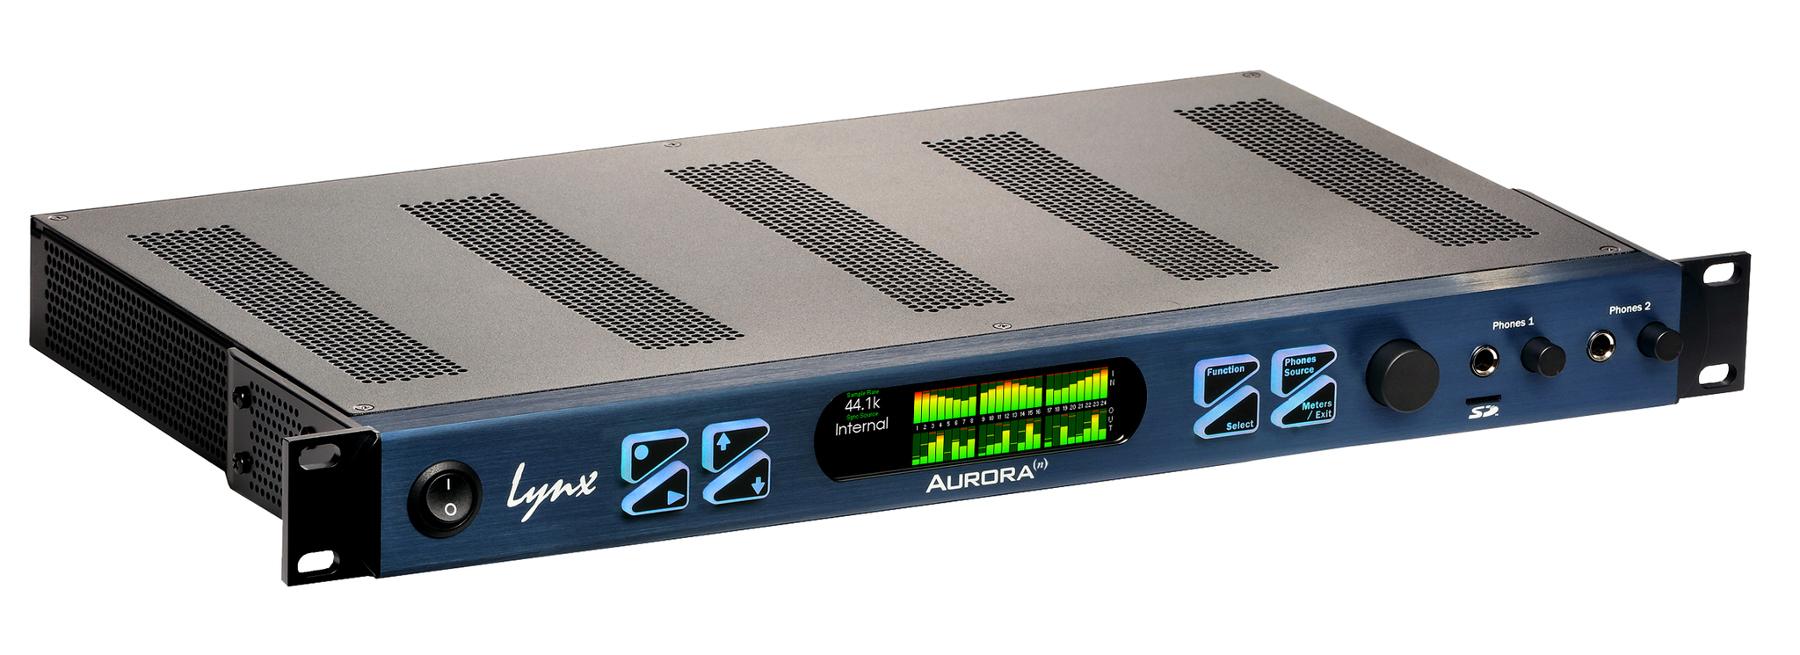 24-channel 24-bit / 192 kHz A/D D/A Converter System [Dante]